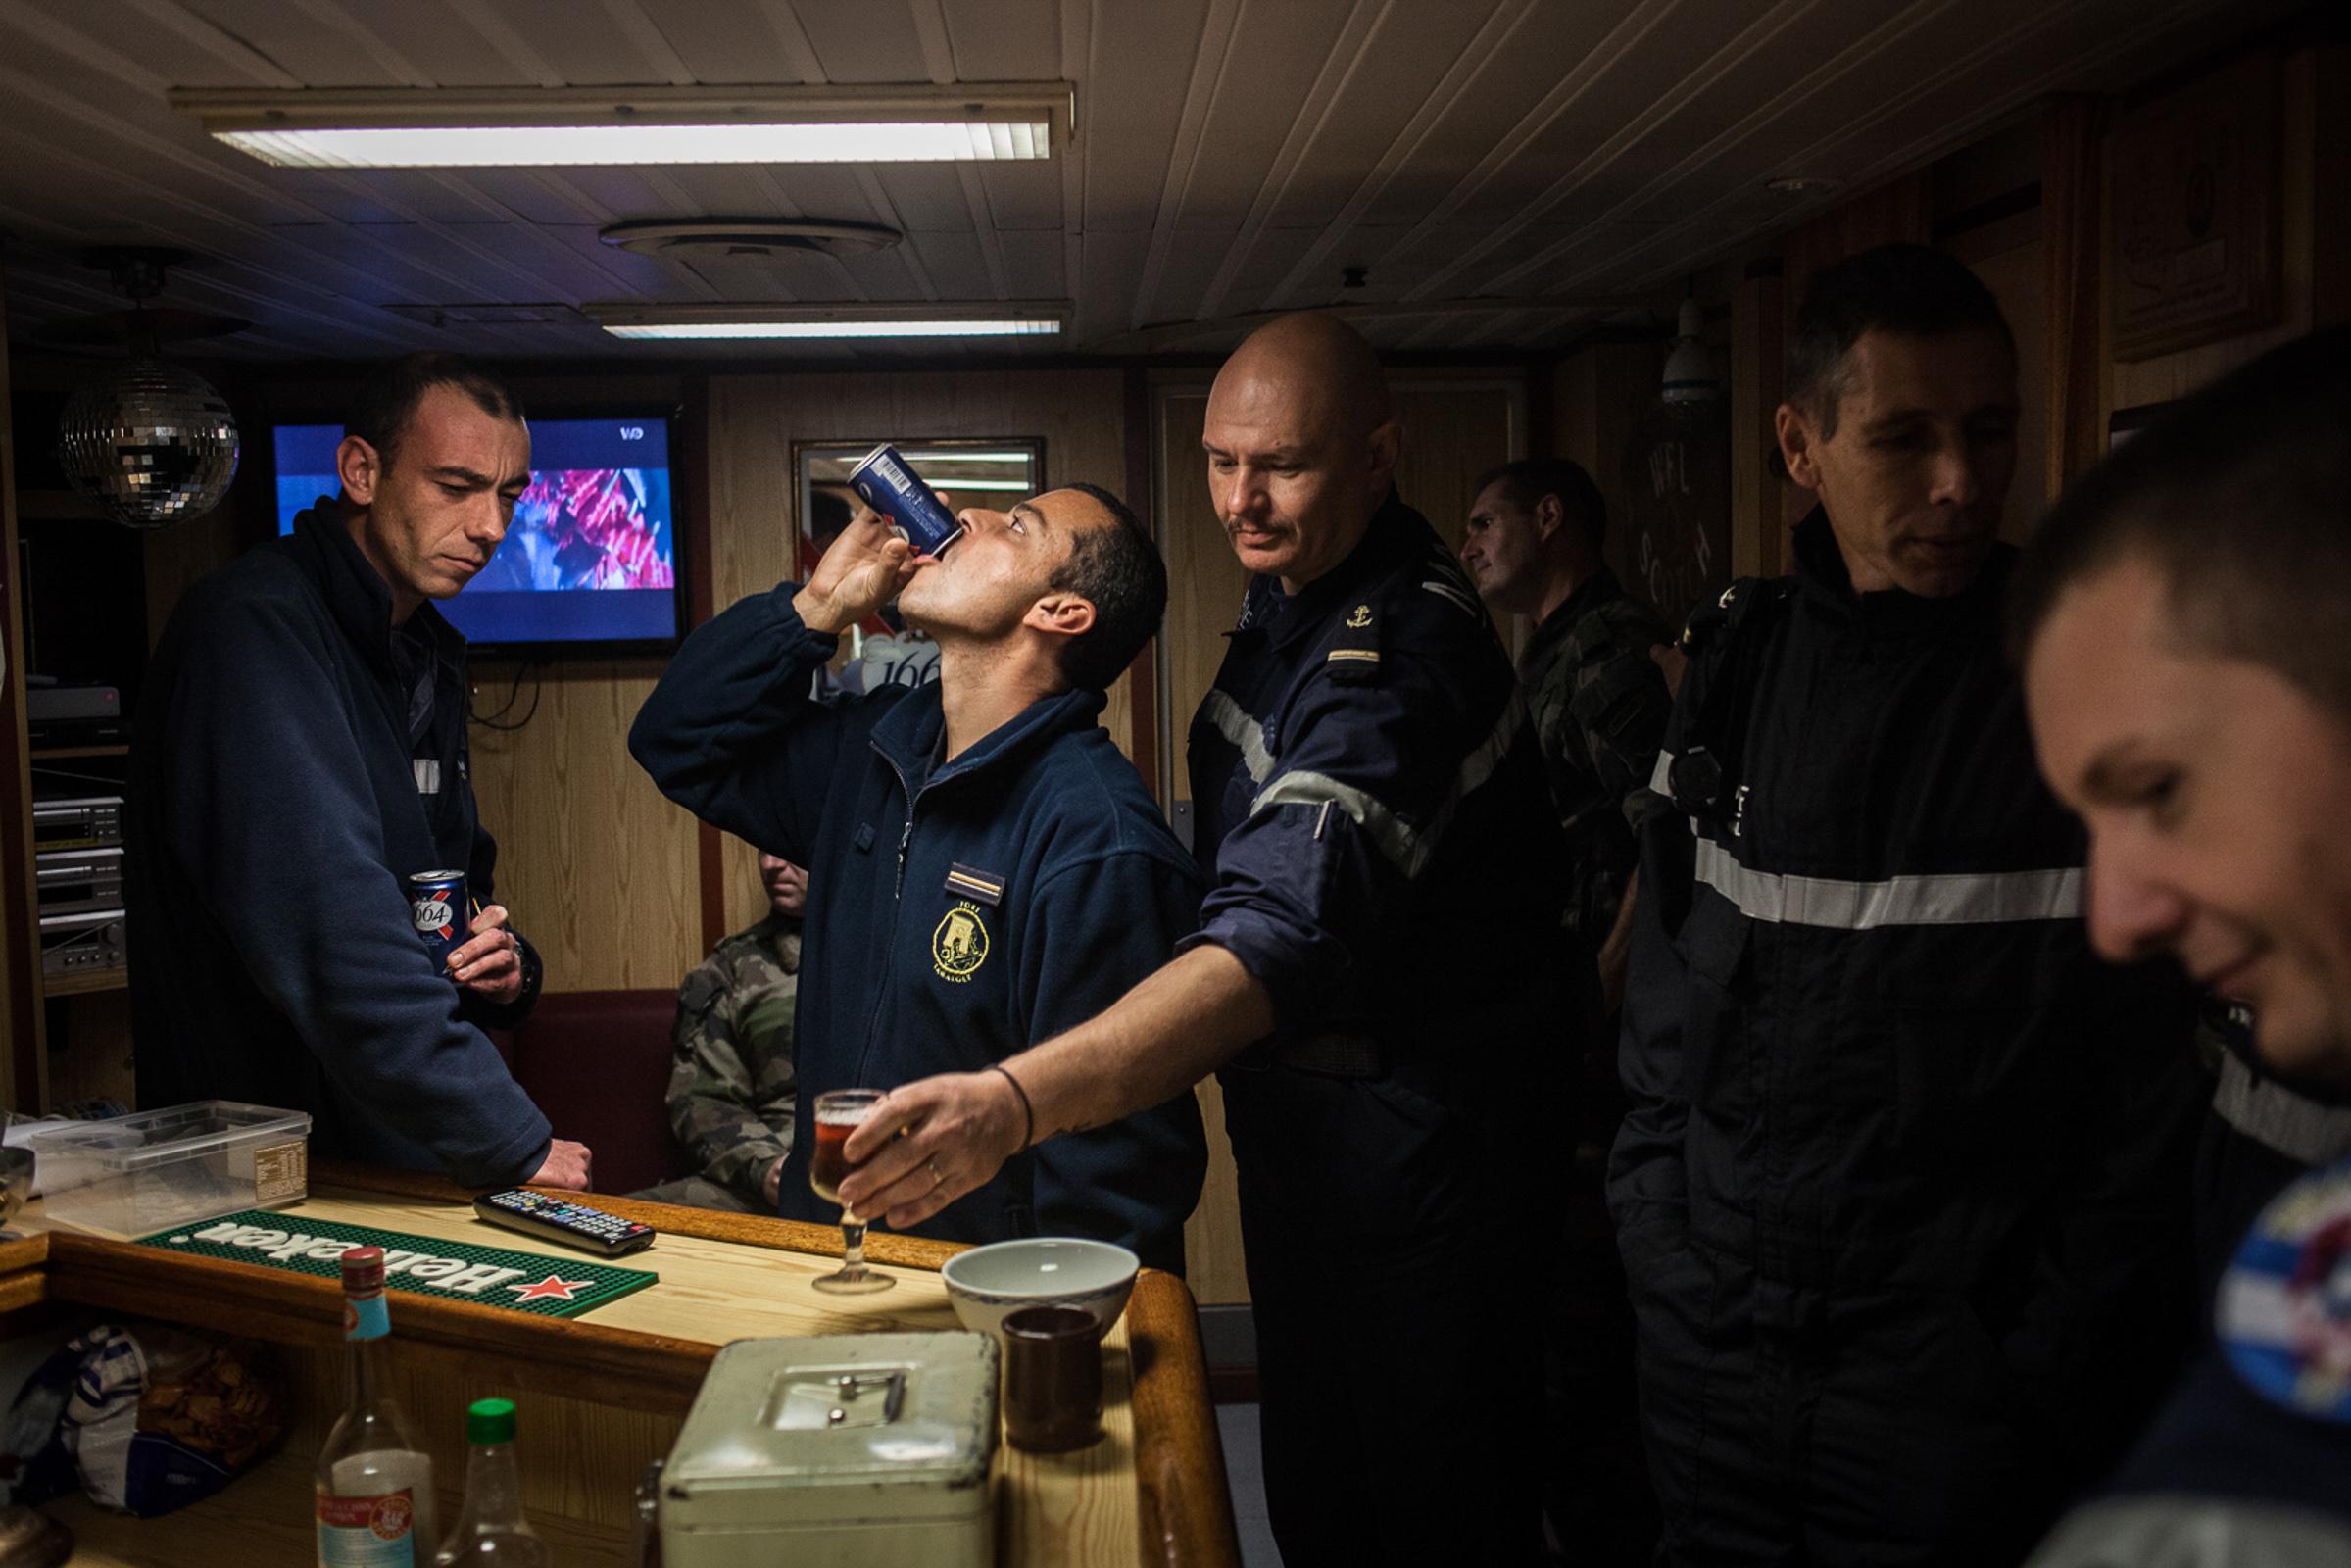 """Mer méditerrannée, 02.12.2015. Apéritif dans le carré des OMS (officiers matelot supérieurs) à bord de la frégate  anti-aérienne le """"Jean Bart"""""""